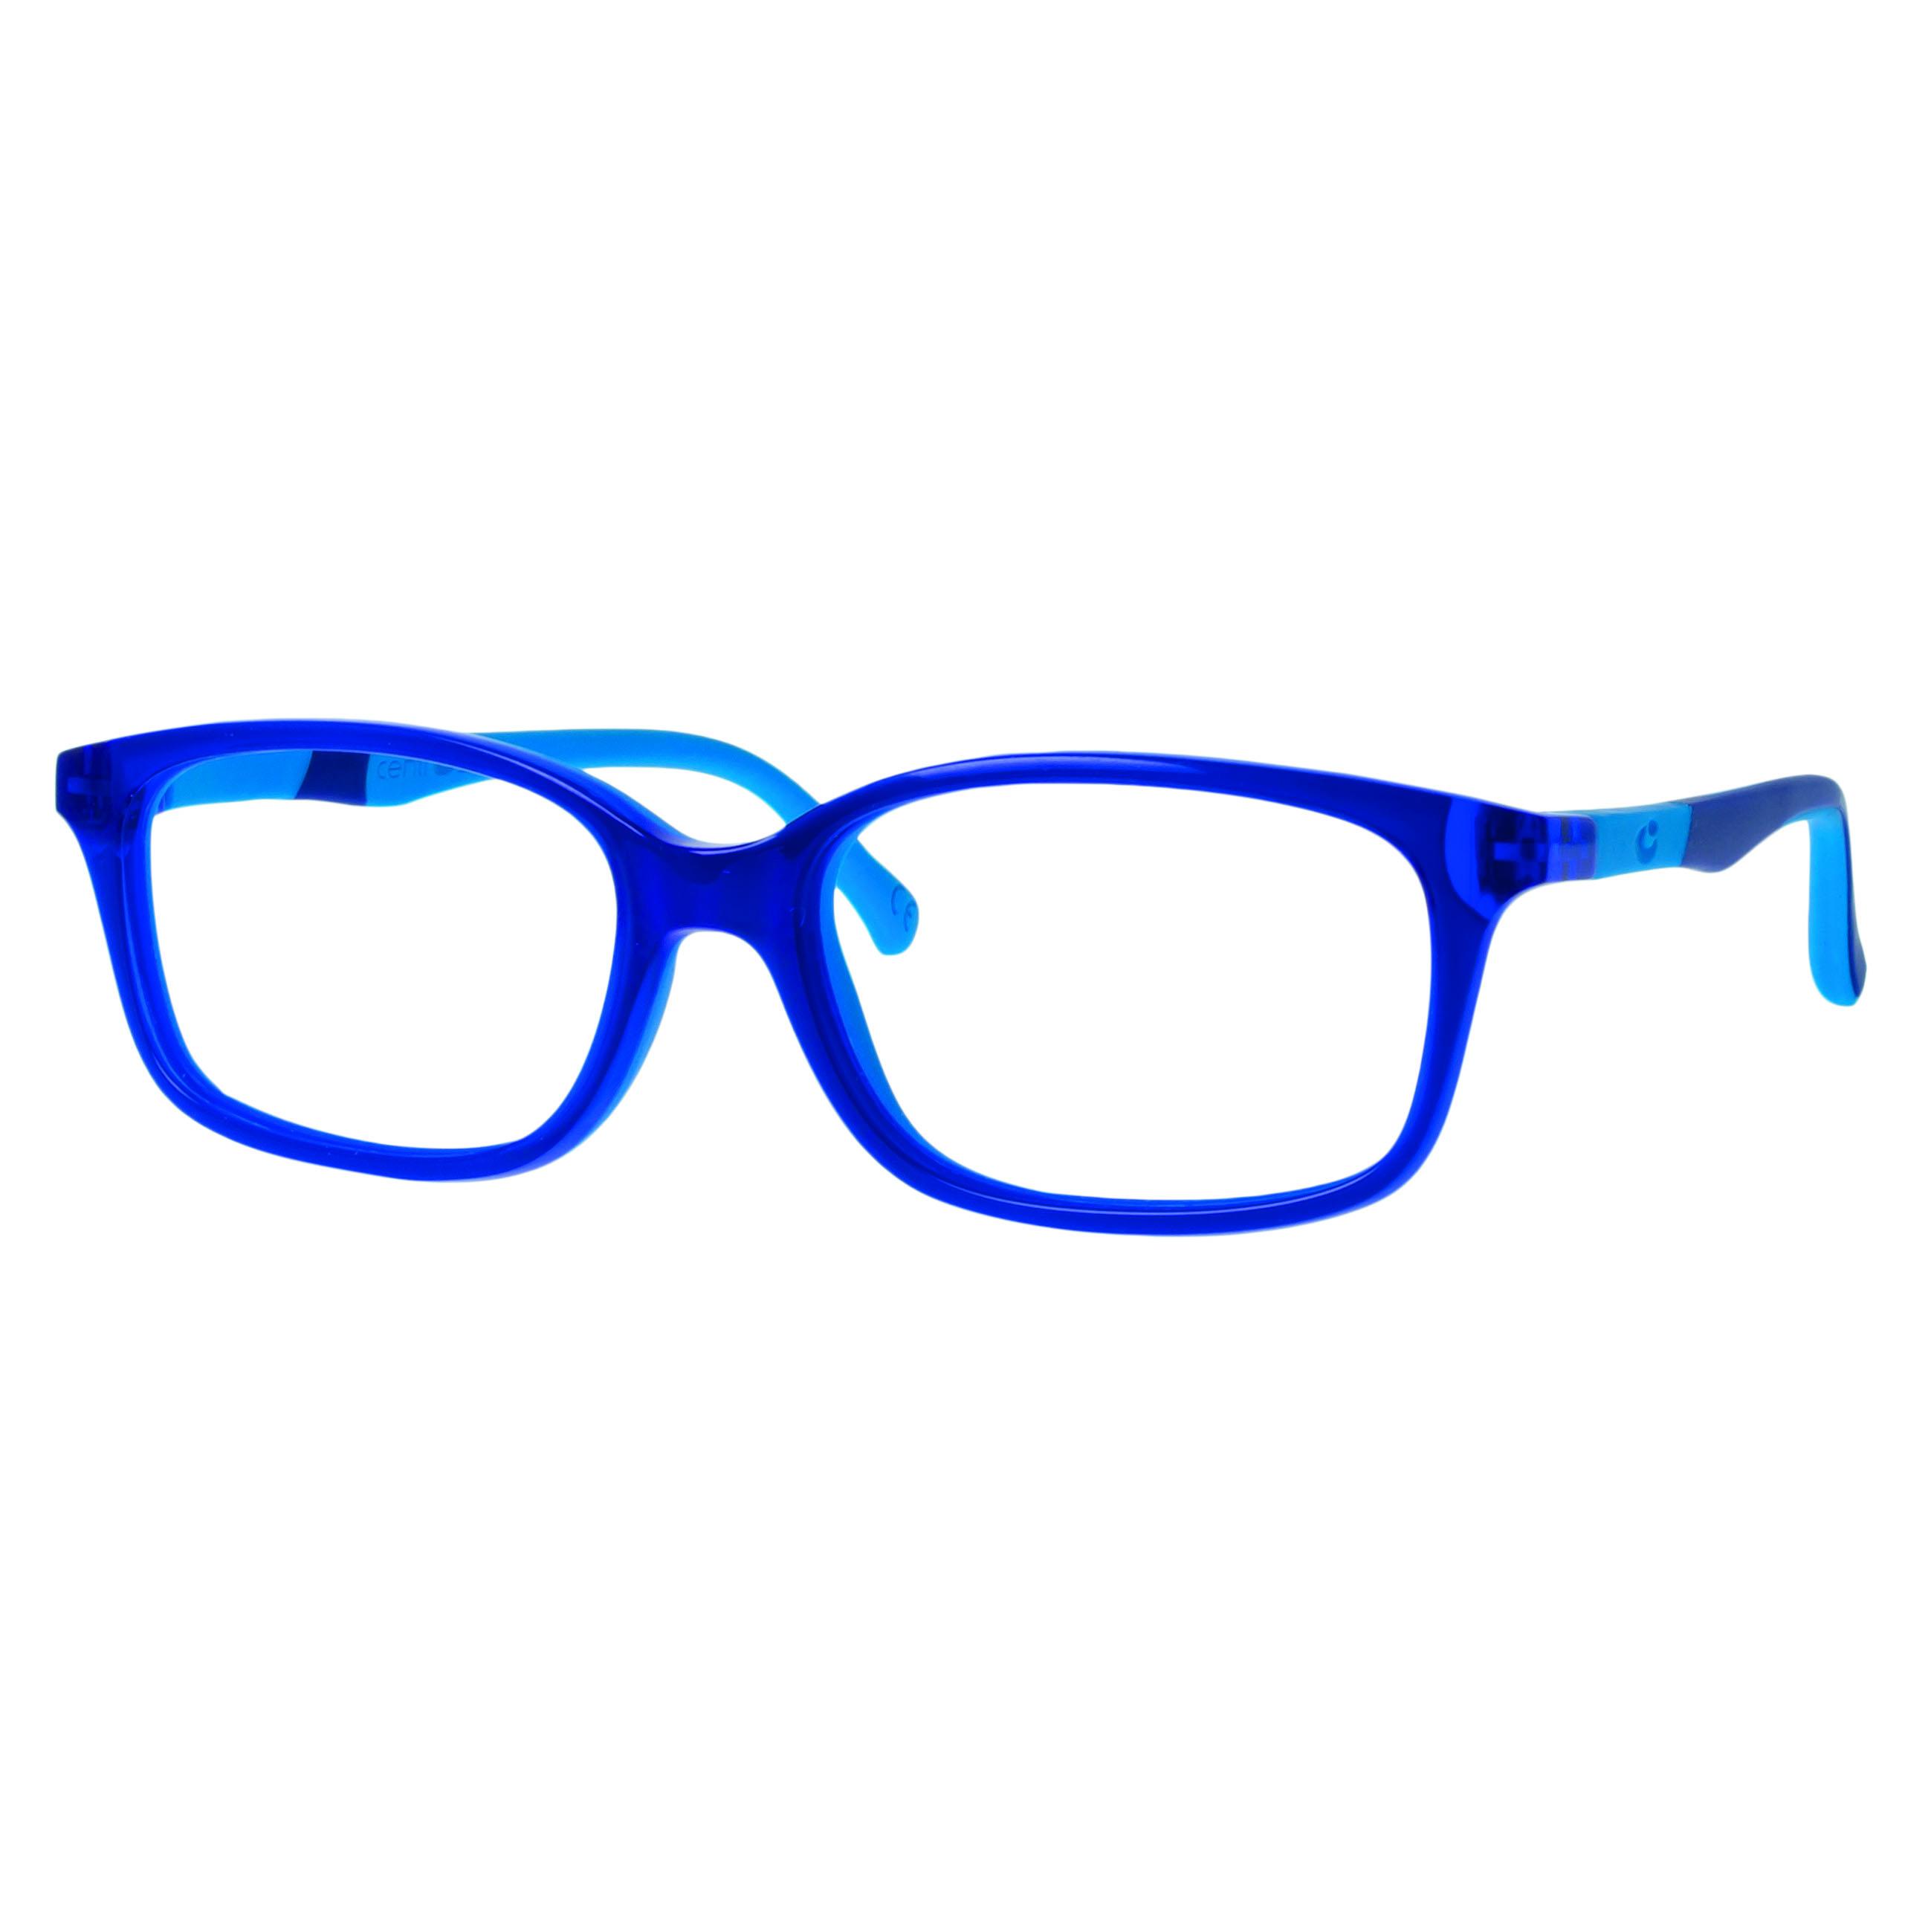 02F017146242000 - Armação Active Memory (5) 46x15 Azul Mod F017146242000 - Contém 1 Peça